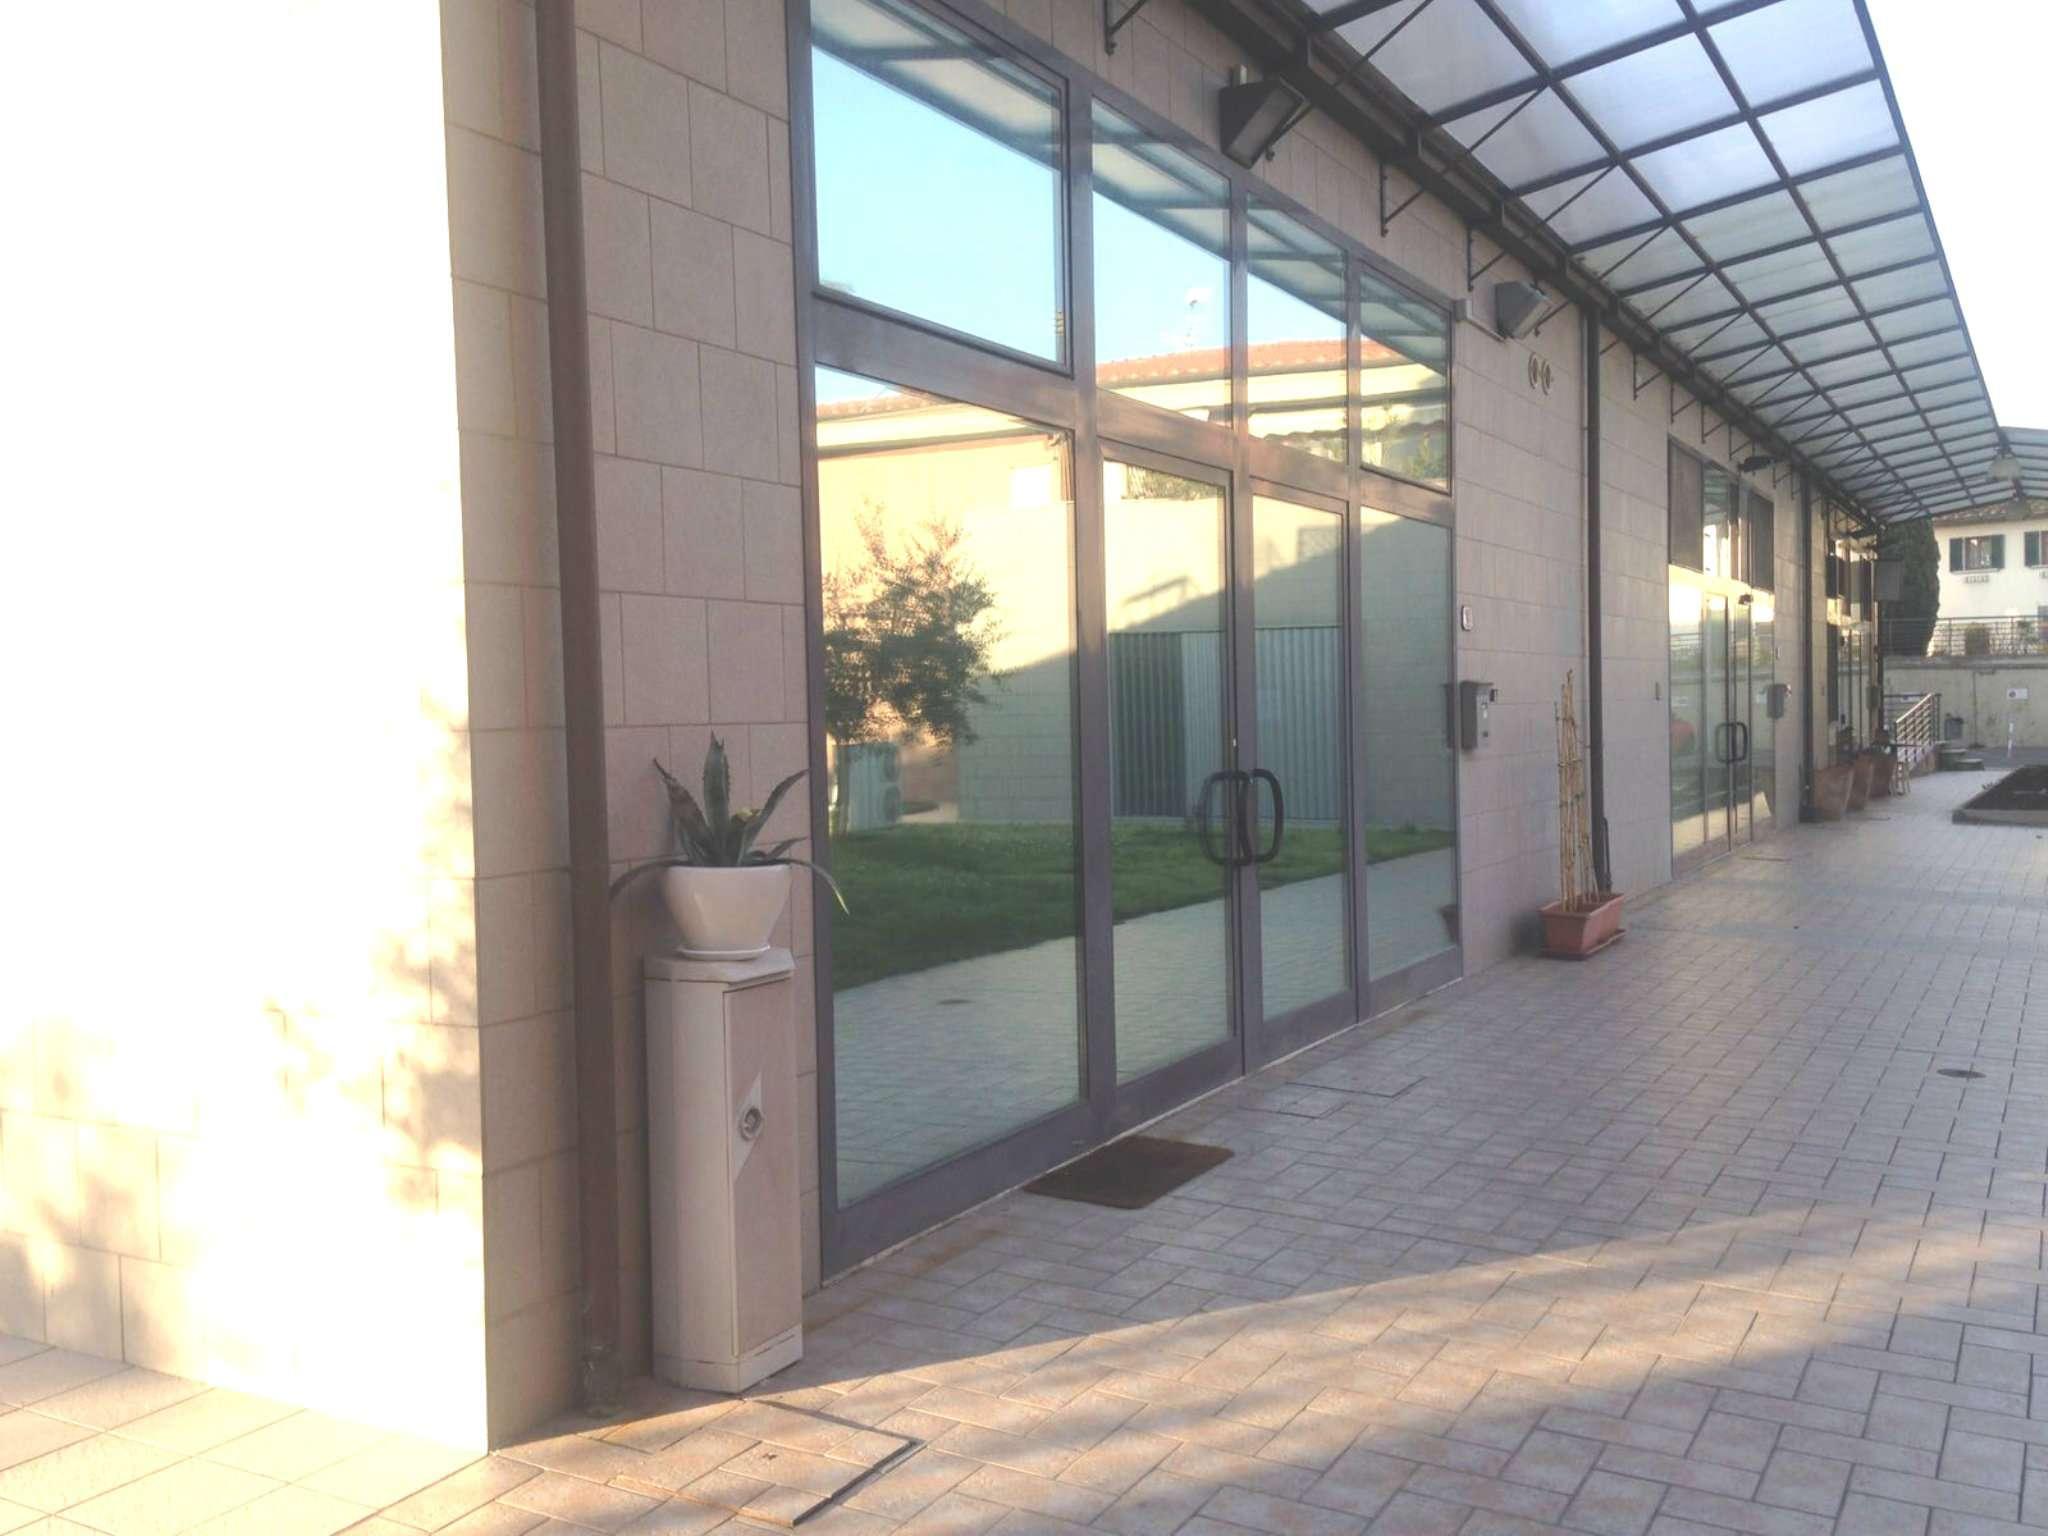 Negozio / Locale in affitto a Calenzano, 1 locali, prezzo € 700 | CambioCasa.it